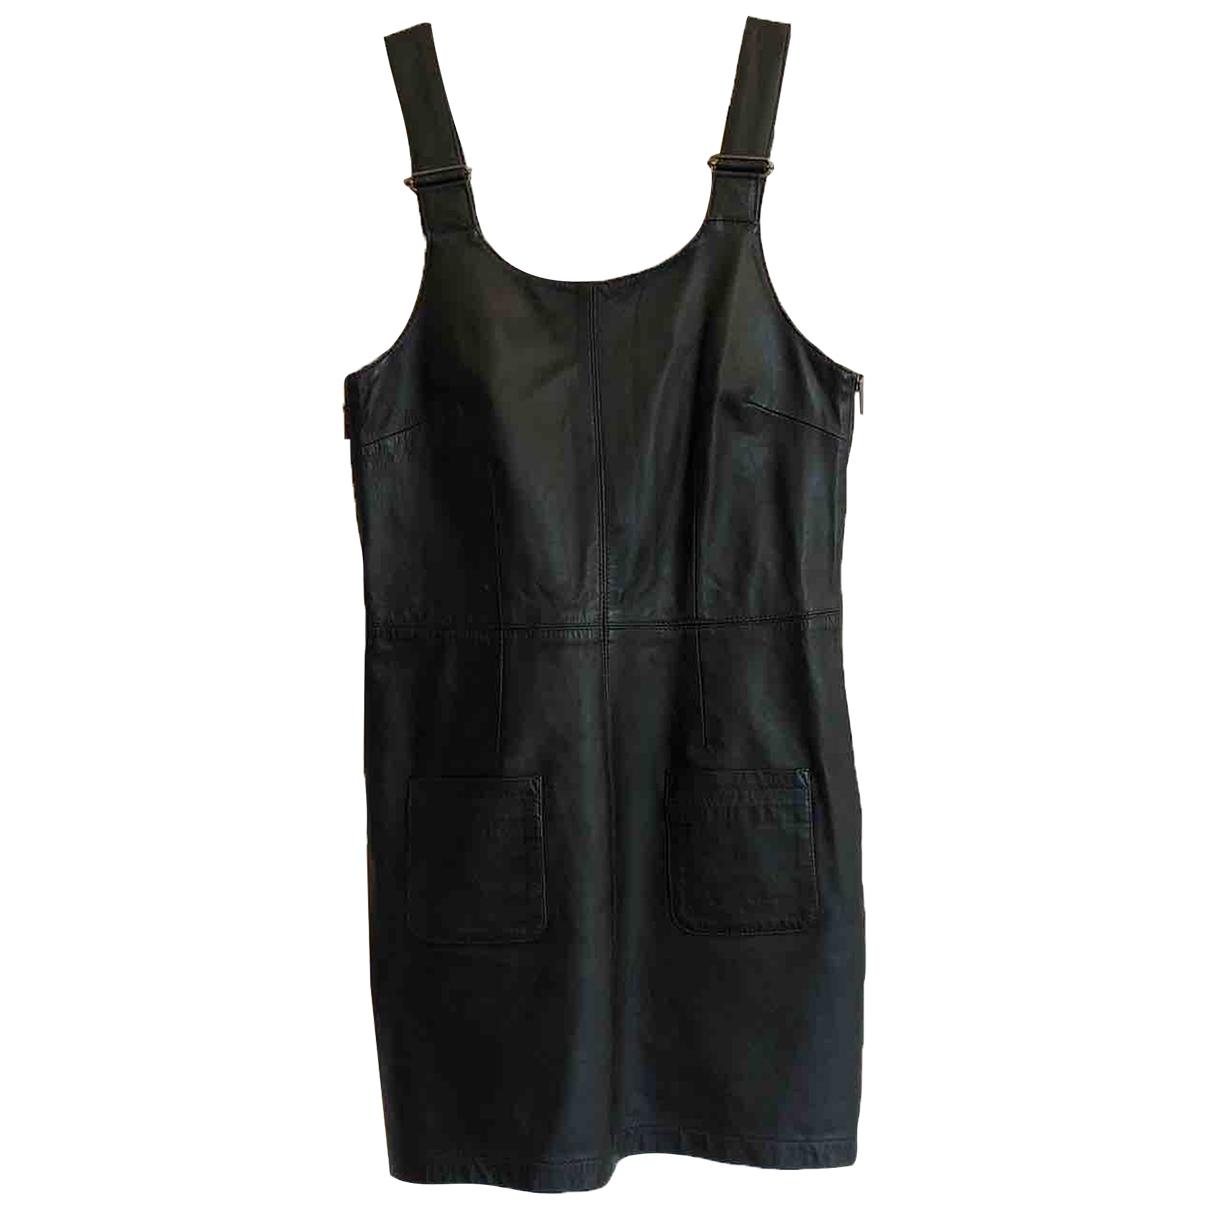 Topshop Boutique - Robe   pour femme en cuir - noir